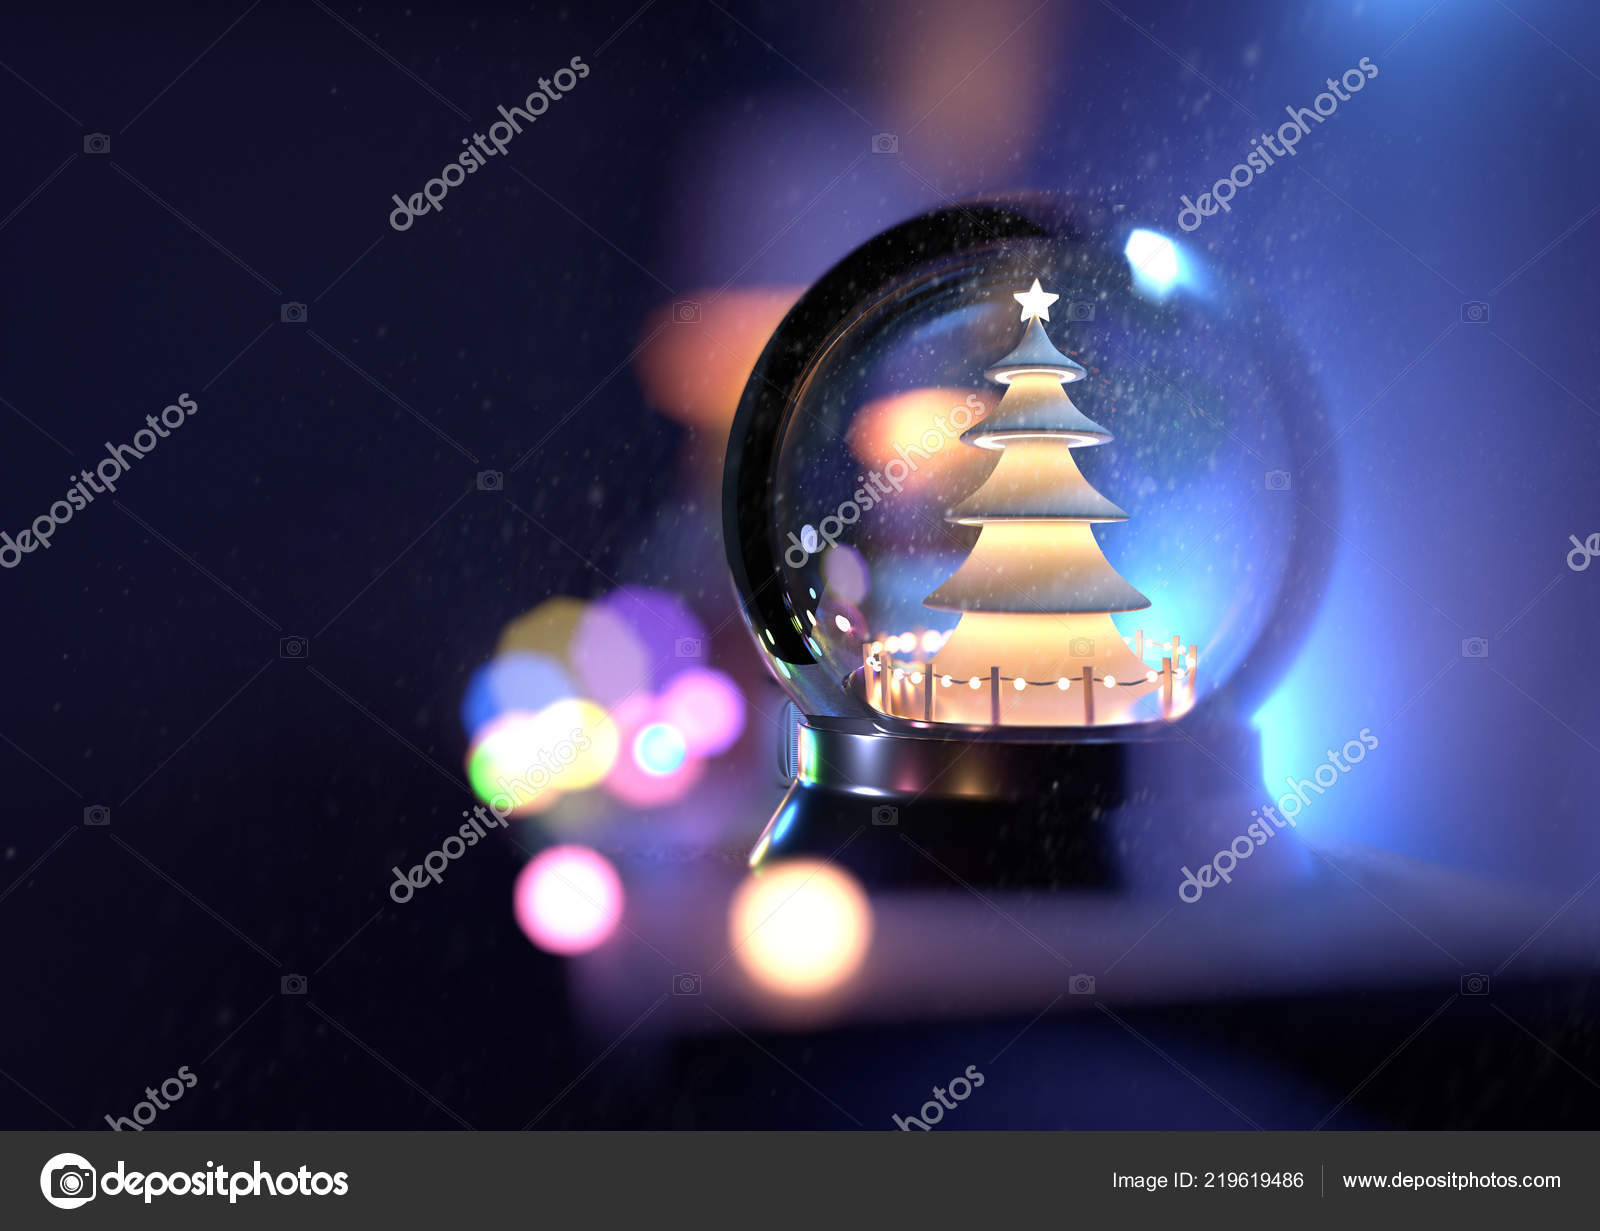 3d Weihnachtsbeleuchtung.Eine Schneekugel Weihnachten Auf Einem Regal Mit